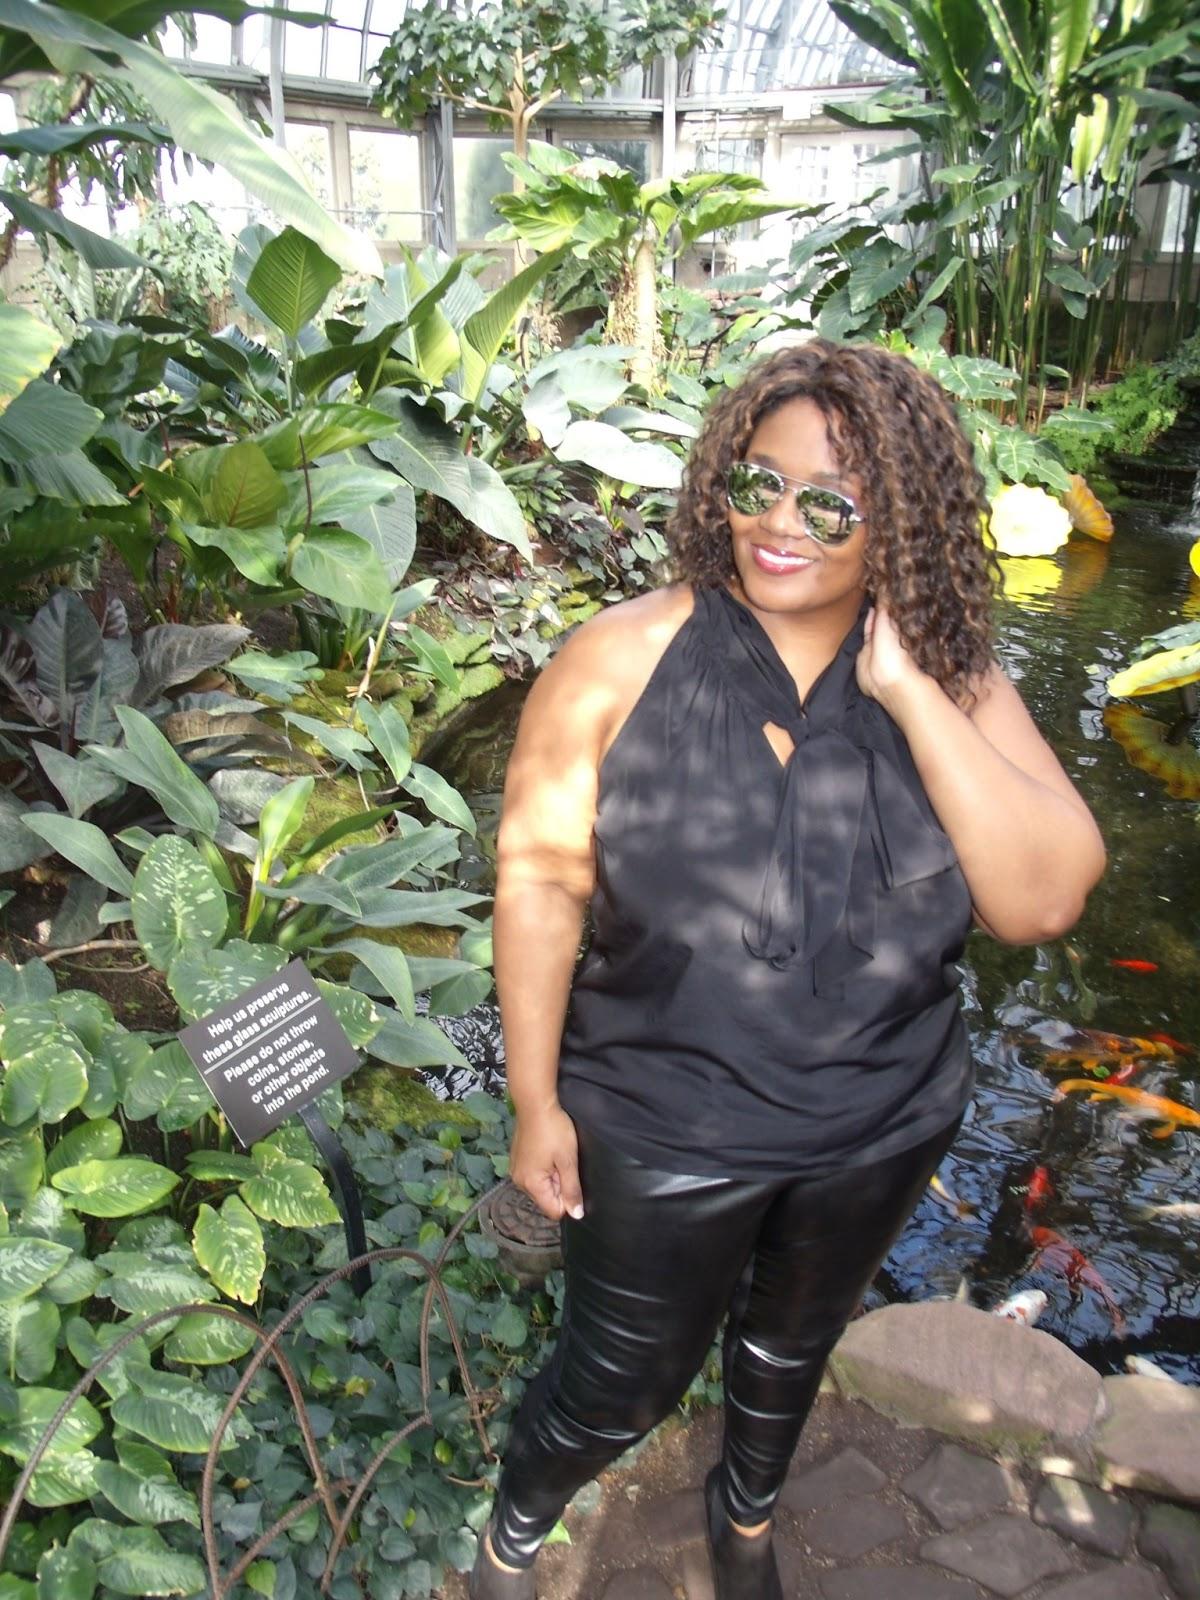 http://3.bp.blogspot.com/-Rd7B4YMBX_I/UUHnTpUUA_I/AAAAAAAAPAo/bI-N_UW_fEA/s1600/Celebrity+Style+Curvatude+Gwyneth+Palthrow+leather+pants.jpg